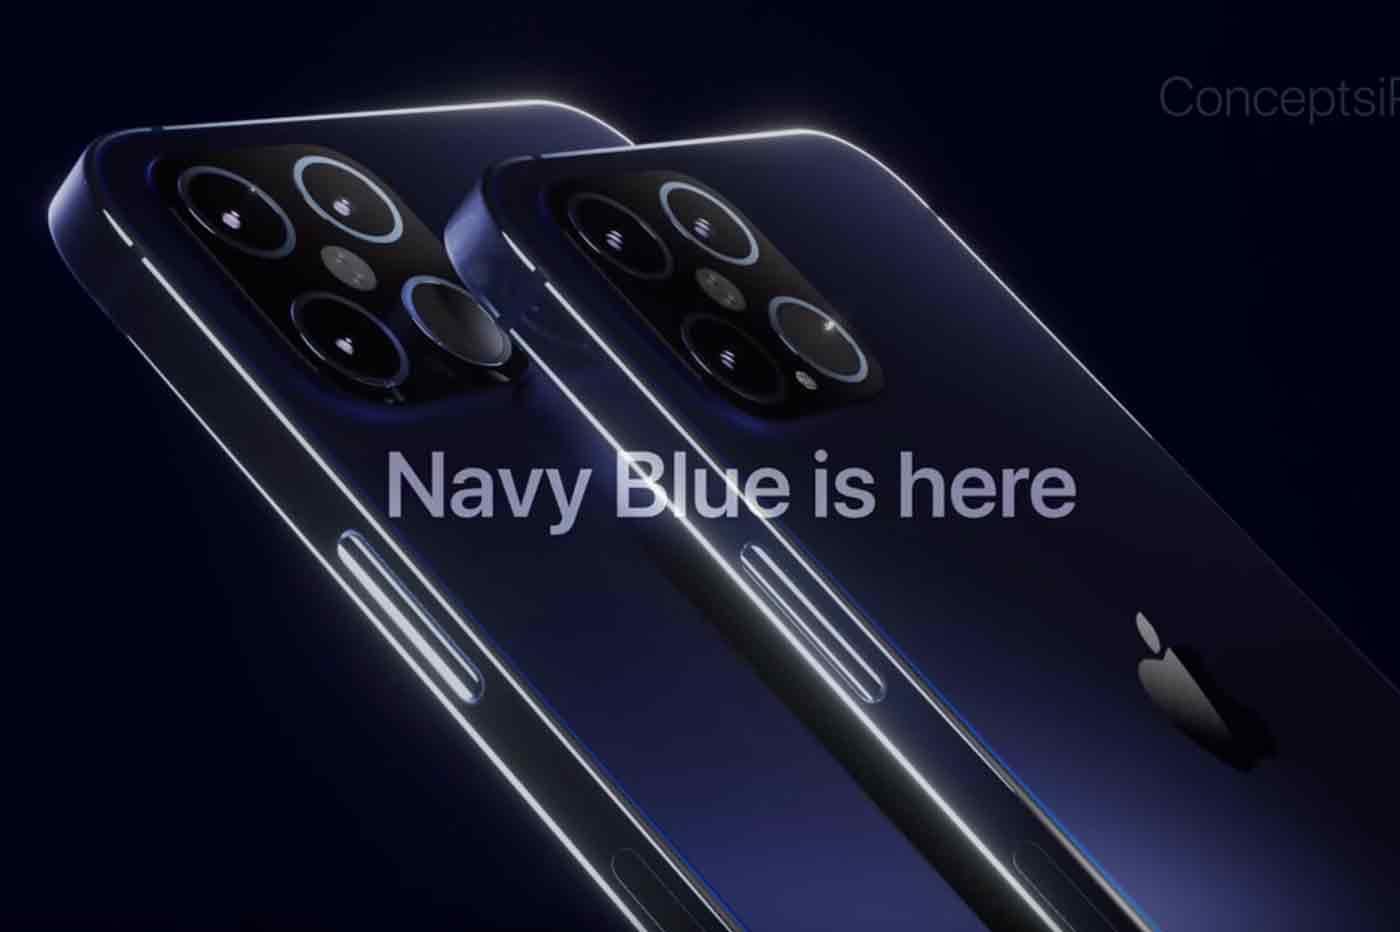 Bientôt un modèle d'iPhone 12 Pro bleu marine ?